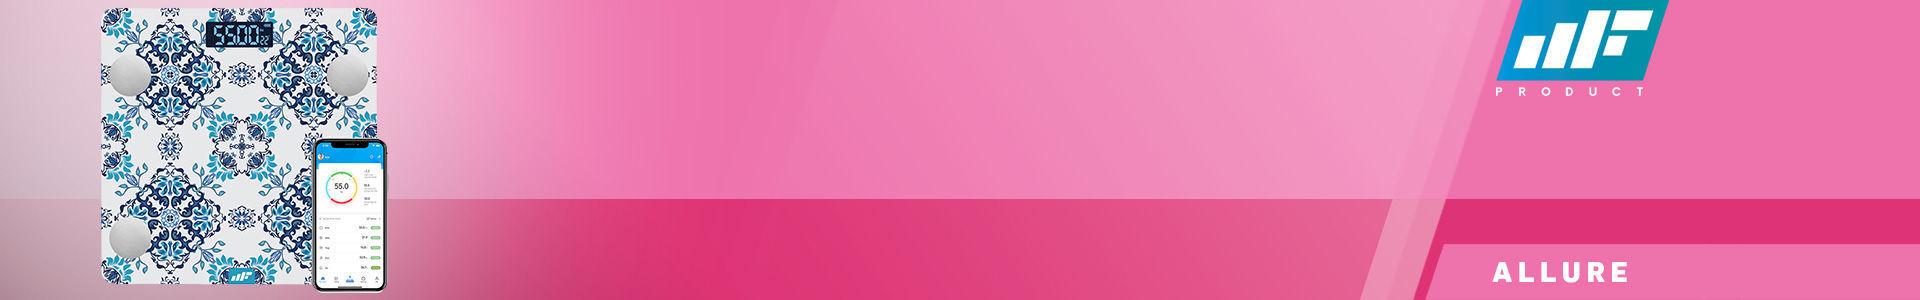 MF Product Allure 0532 Vücut Analizli Akıllı Tartı Çırağan en iyi fiyata stokta!